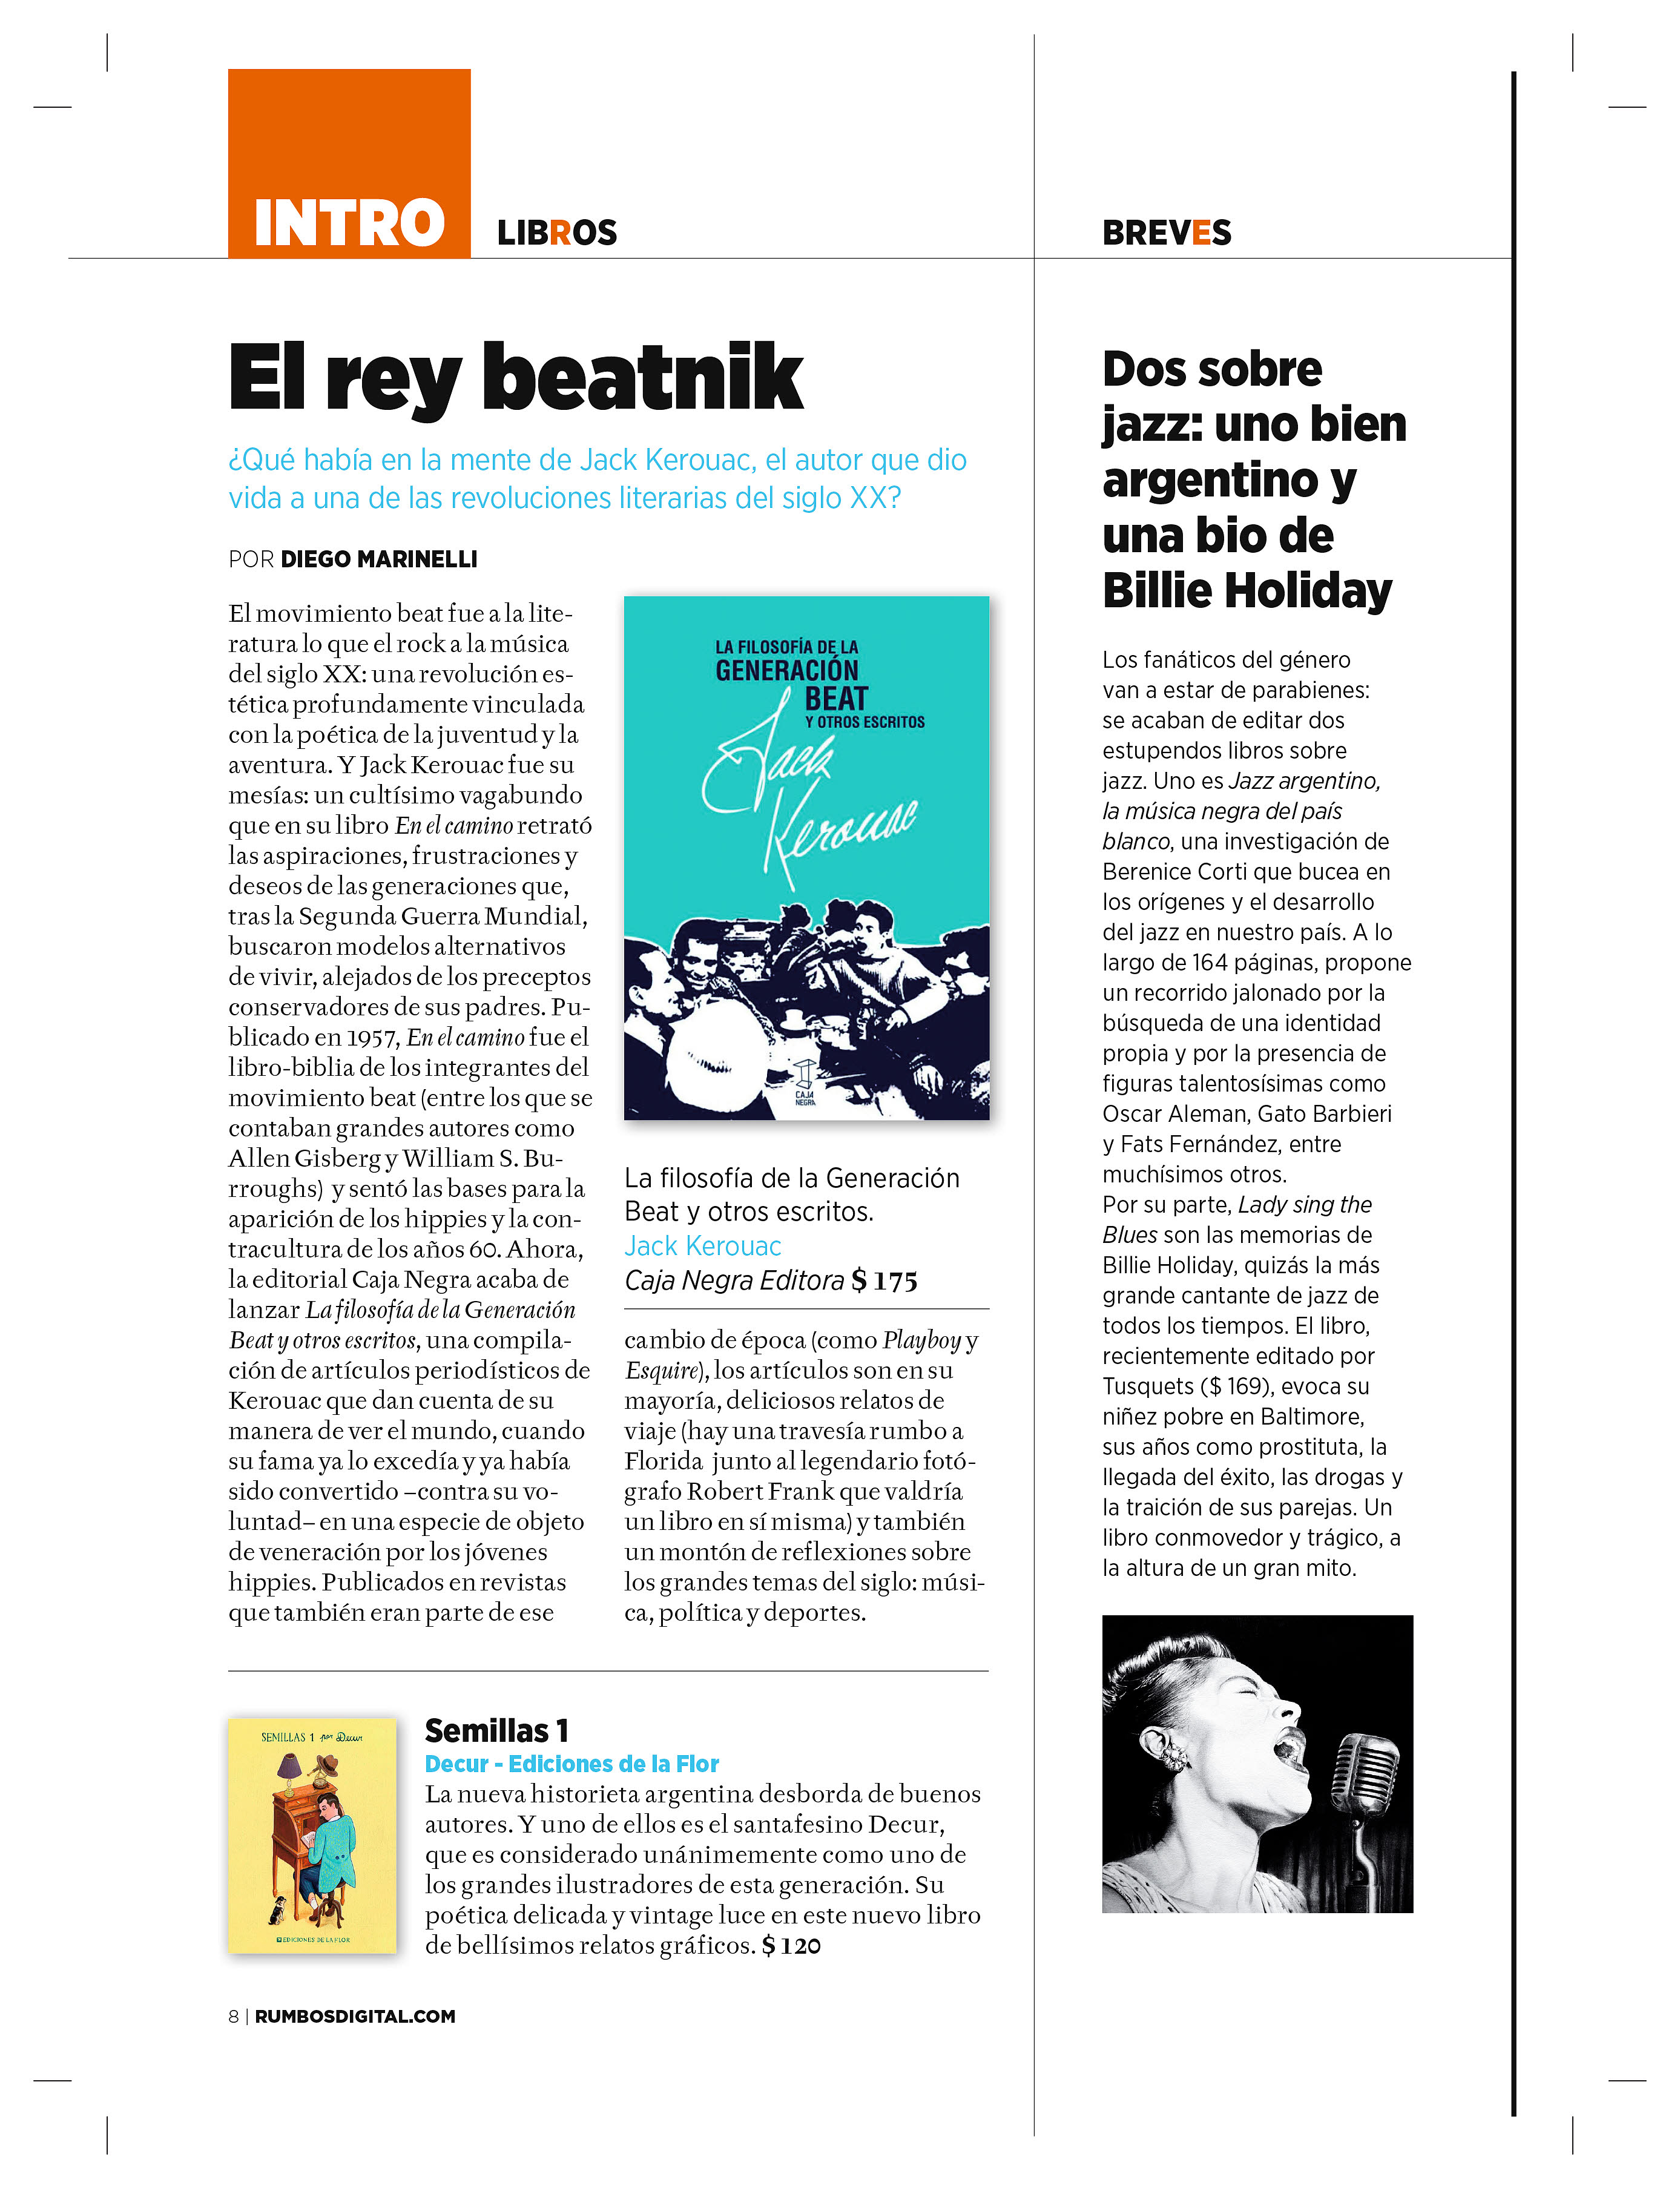 Jazz en la revista Rumbos 25 y 26 de junio